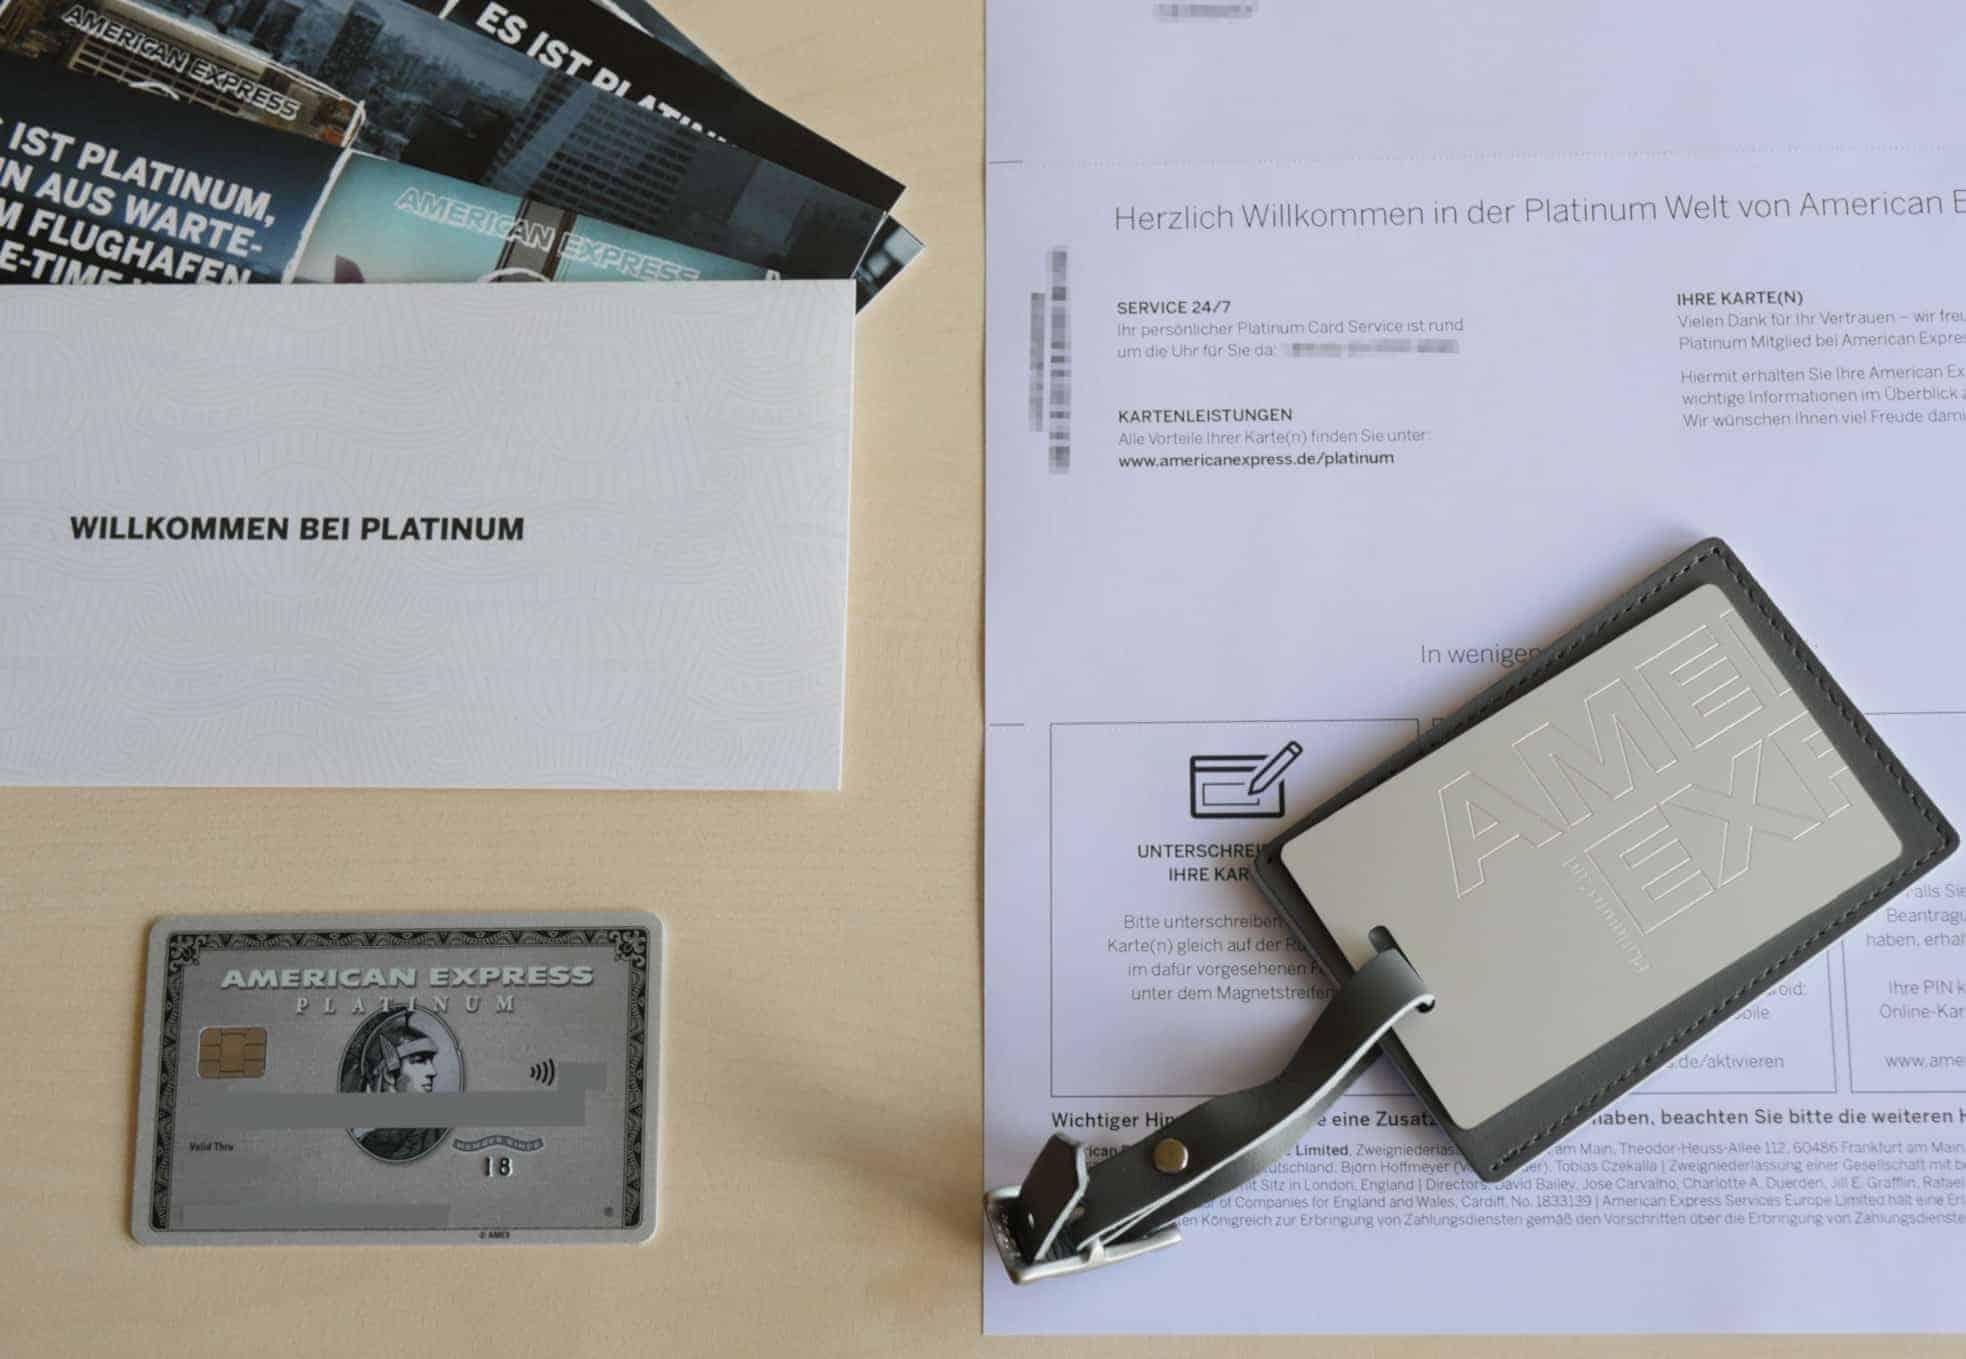 Alle Vor- und Nachteile der Amex Platinum Kreditkarte: 8.8